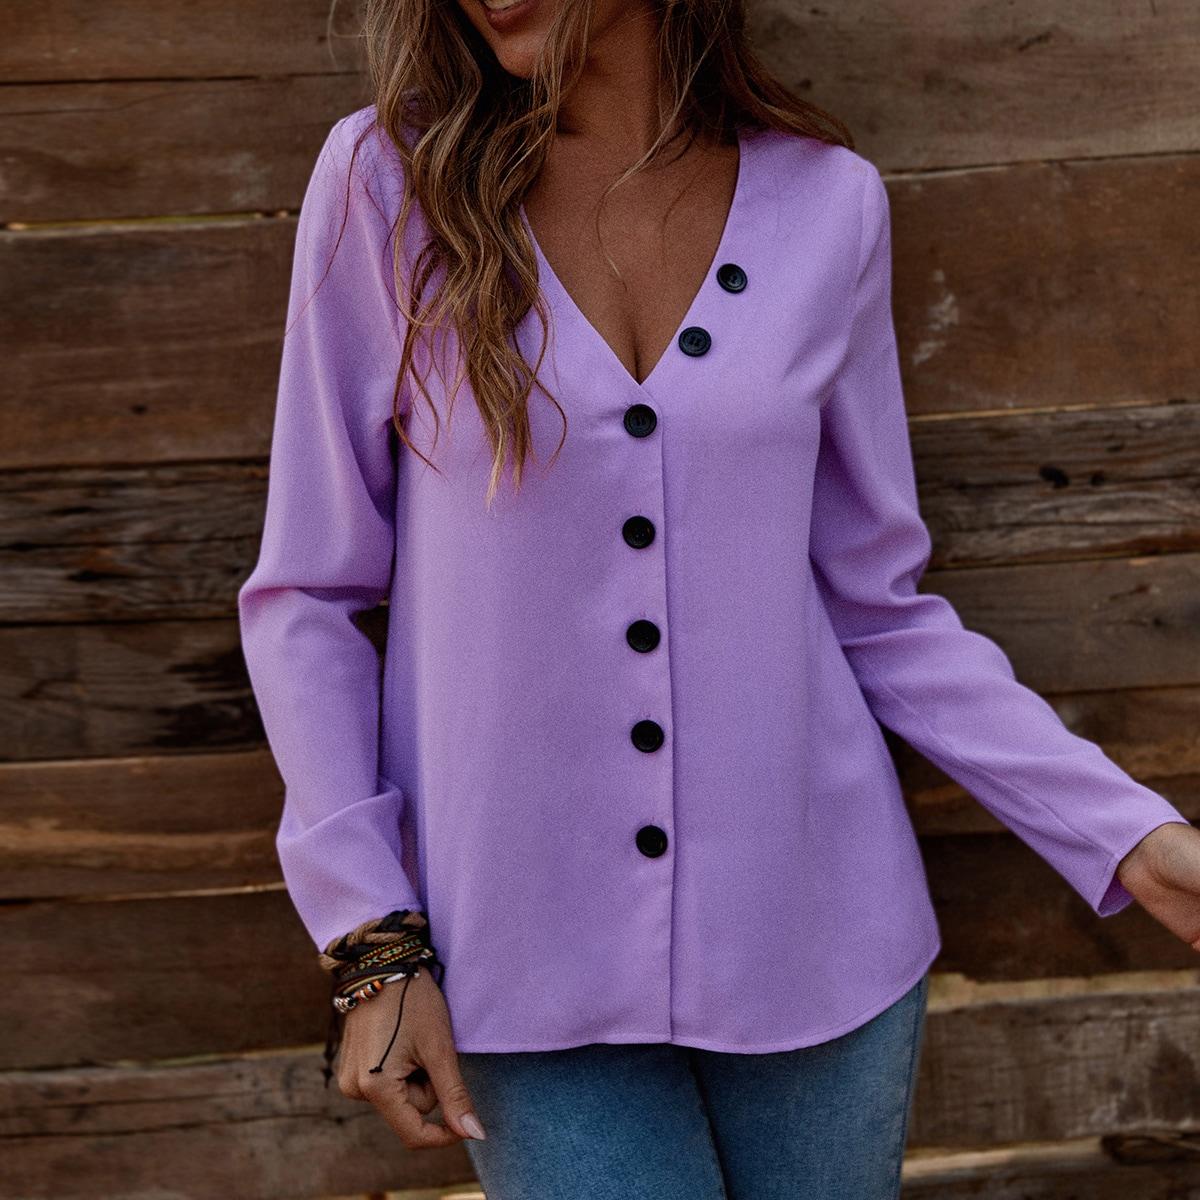 Пуговица Одноцветный Повседневный Блузы